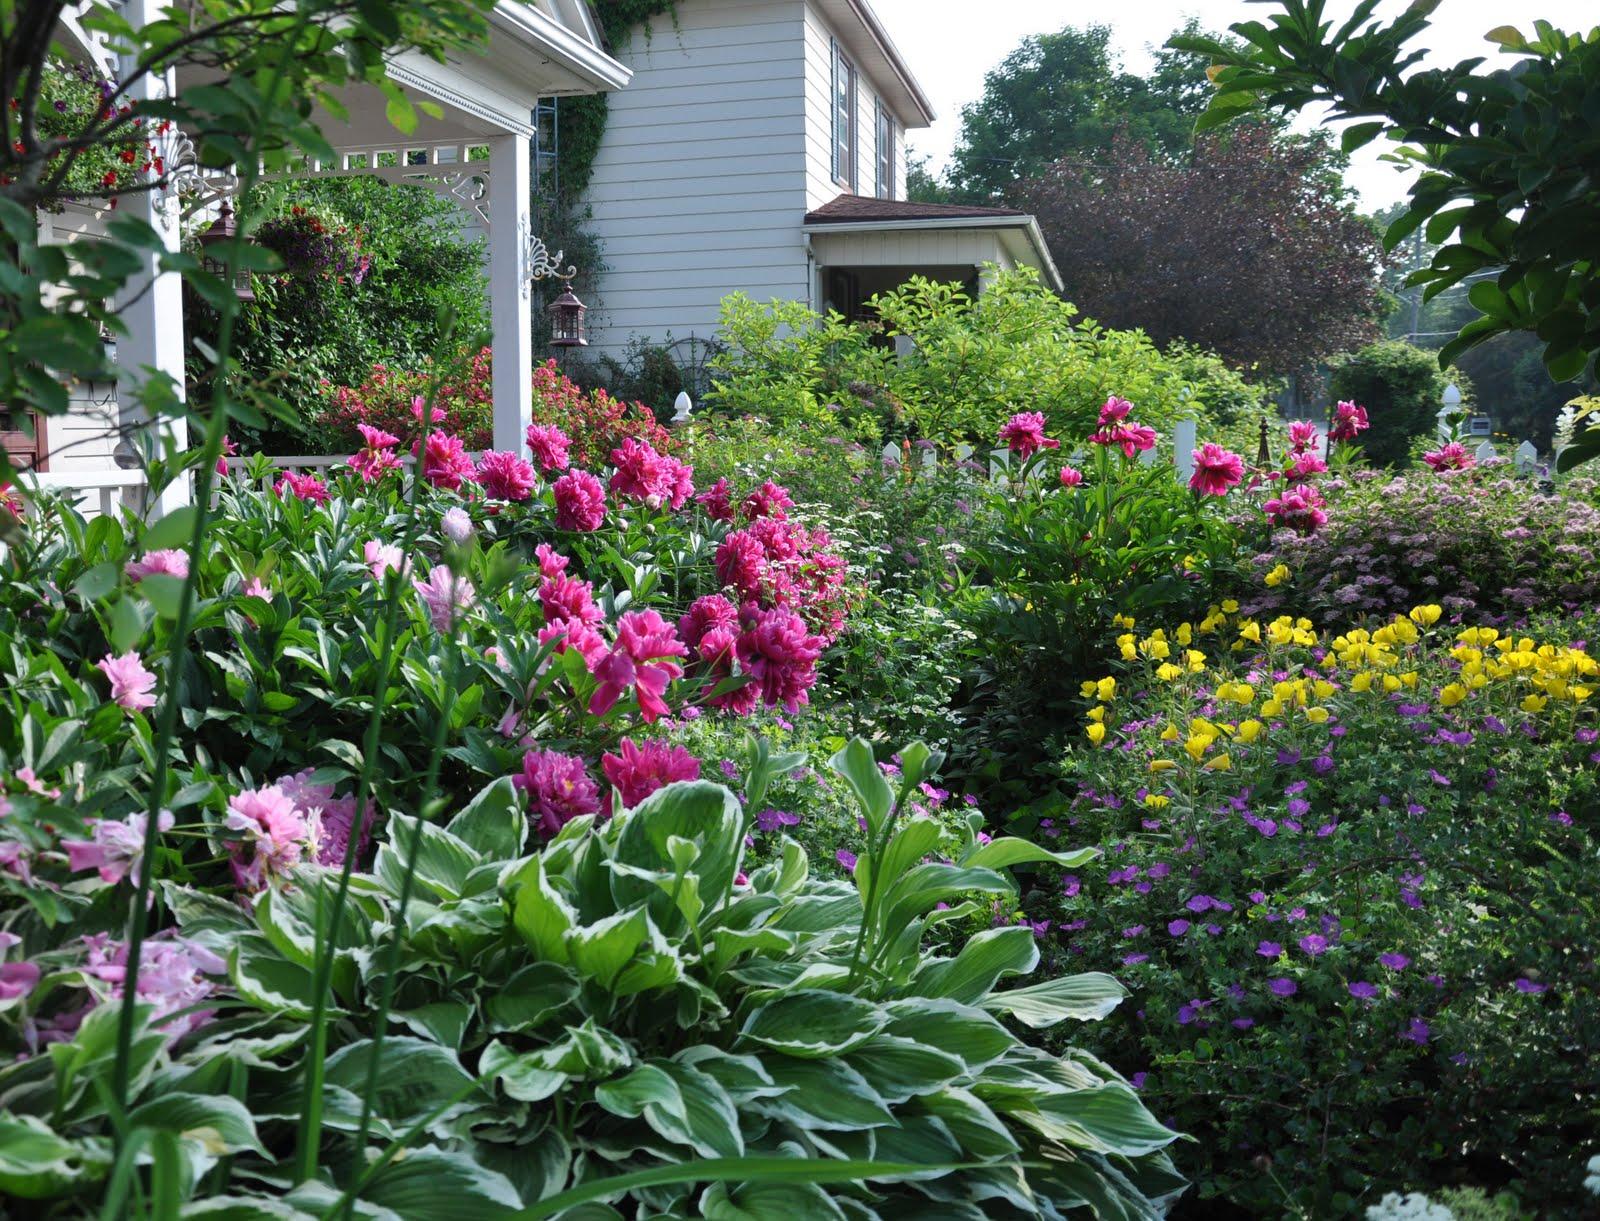 Three Dogs in a Garden: MY GARDEN